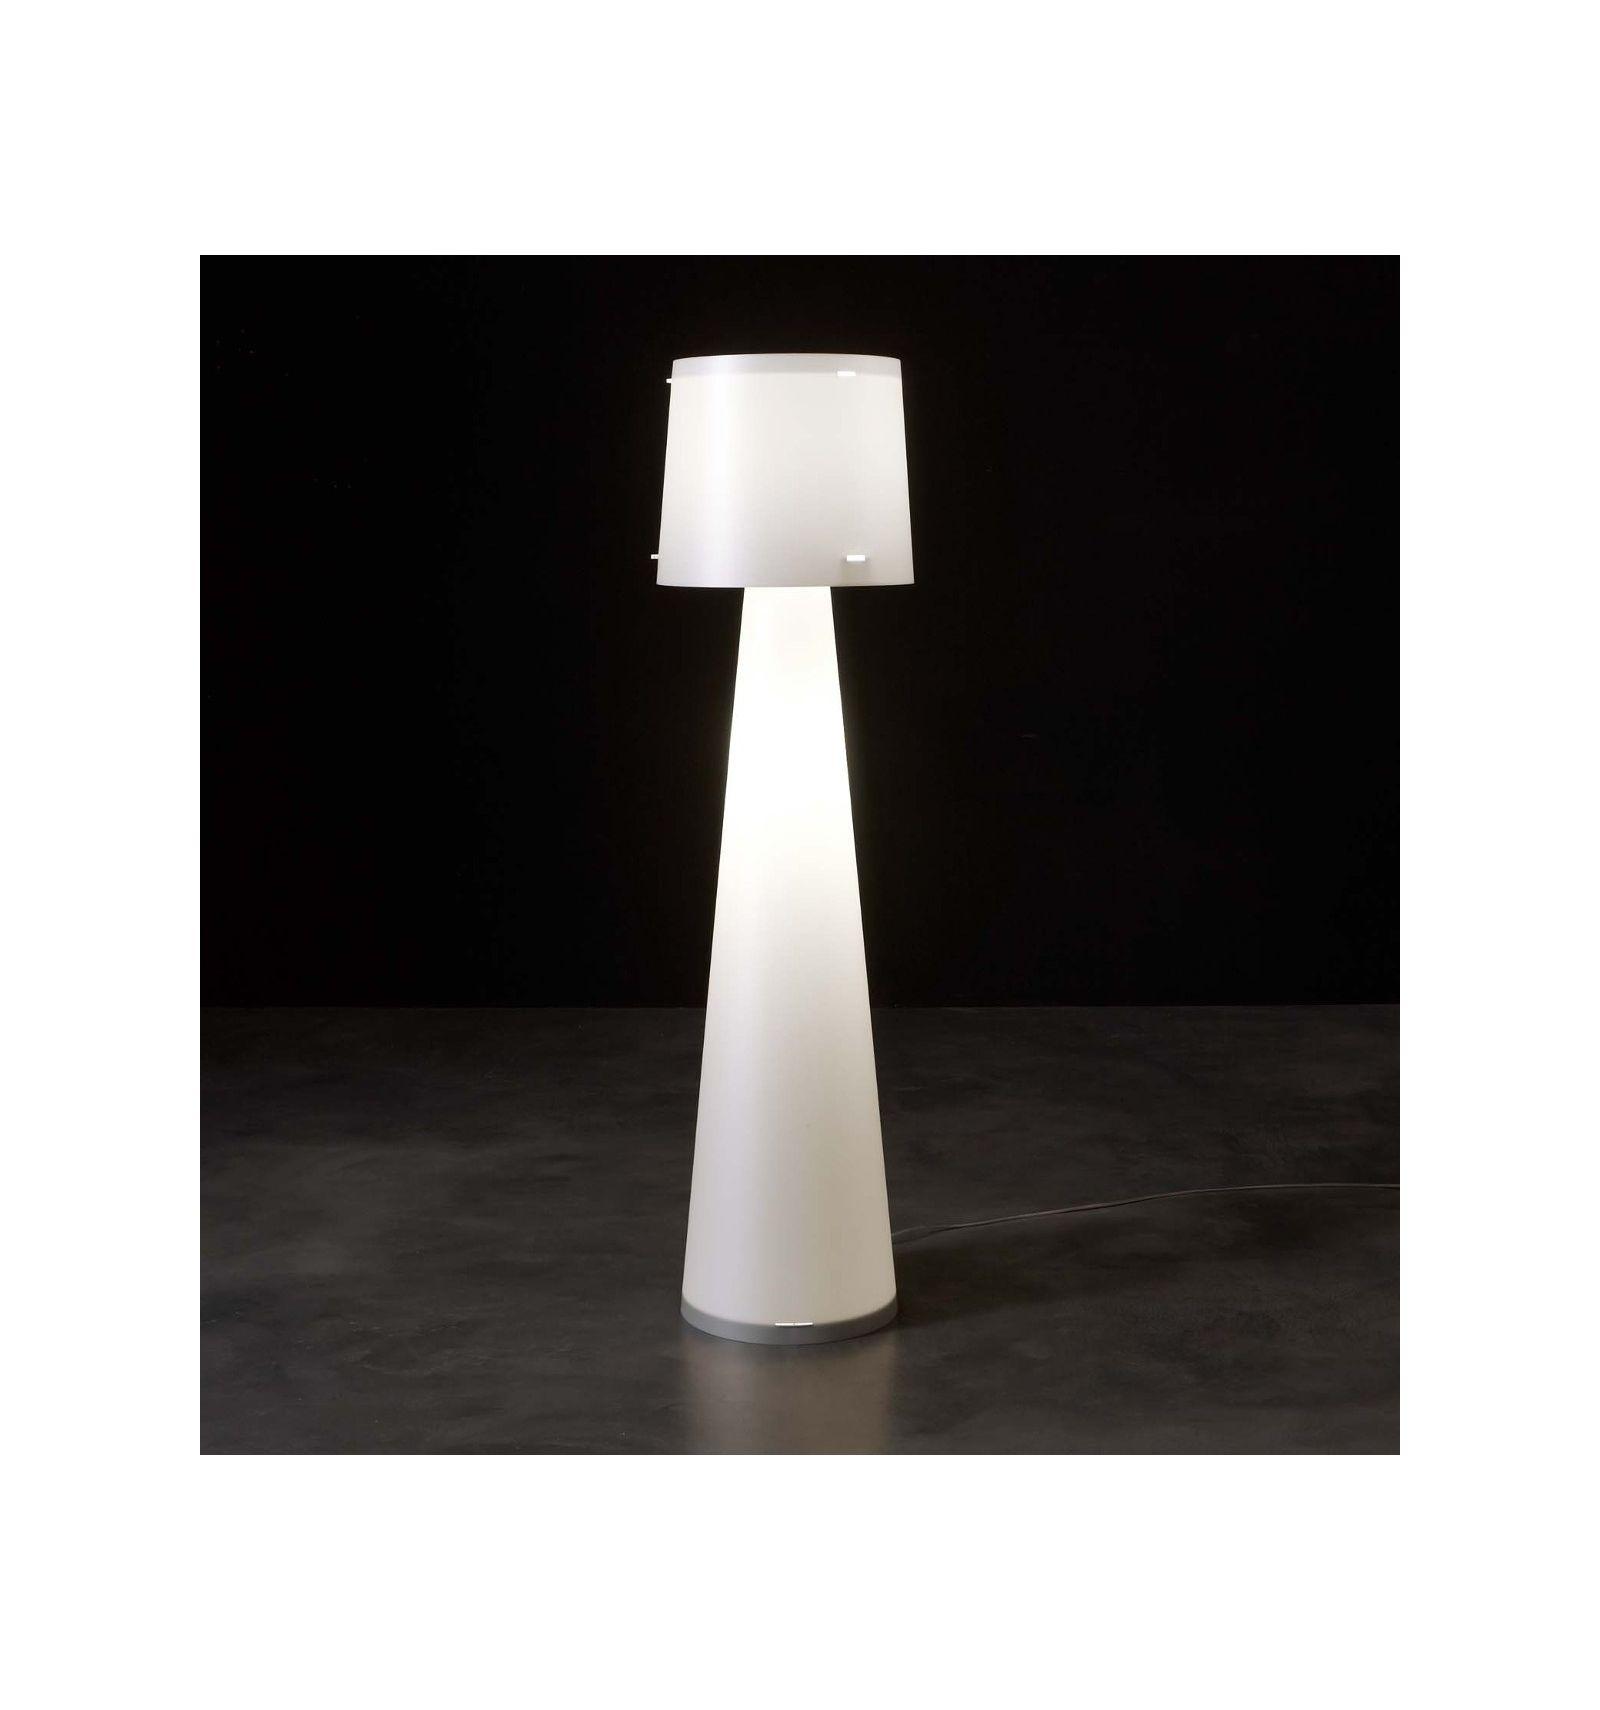 Sai già Come è Meglio posizionare le Lampade da Terra Moderne ...